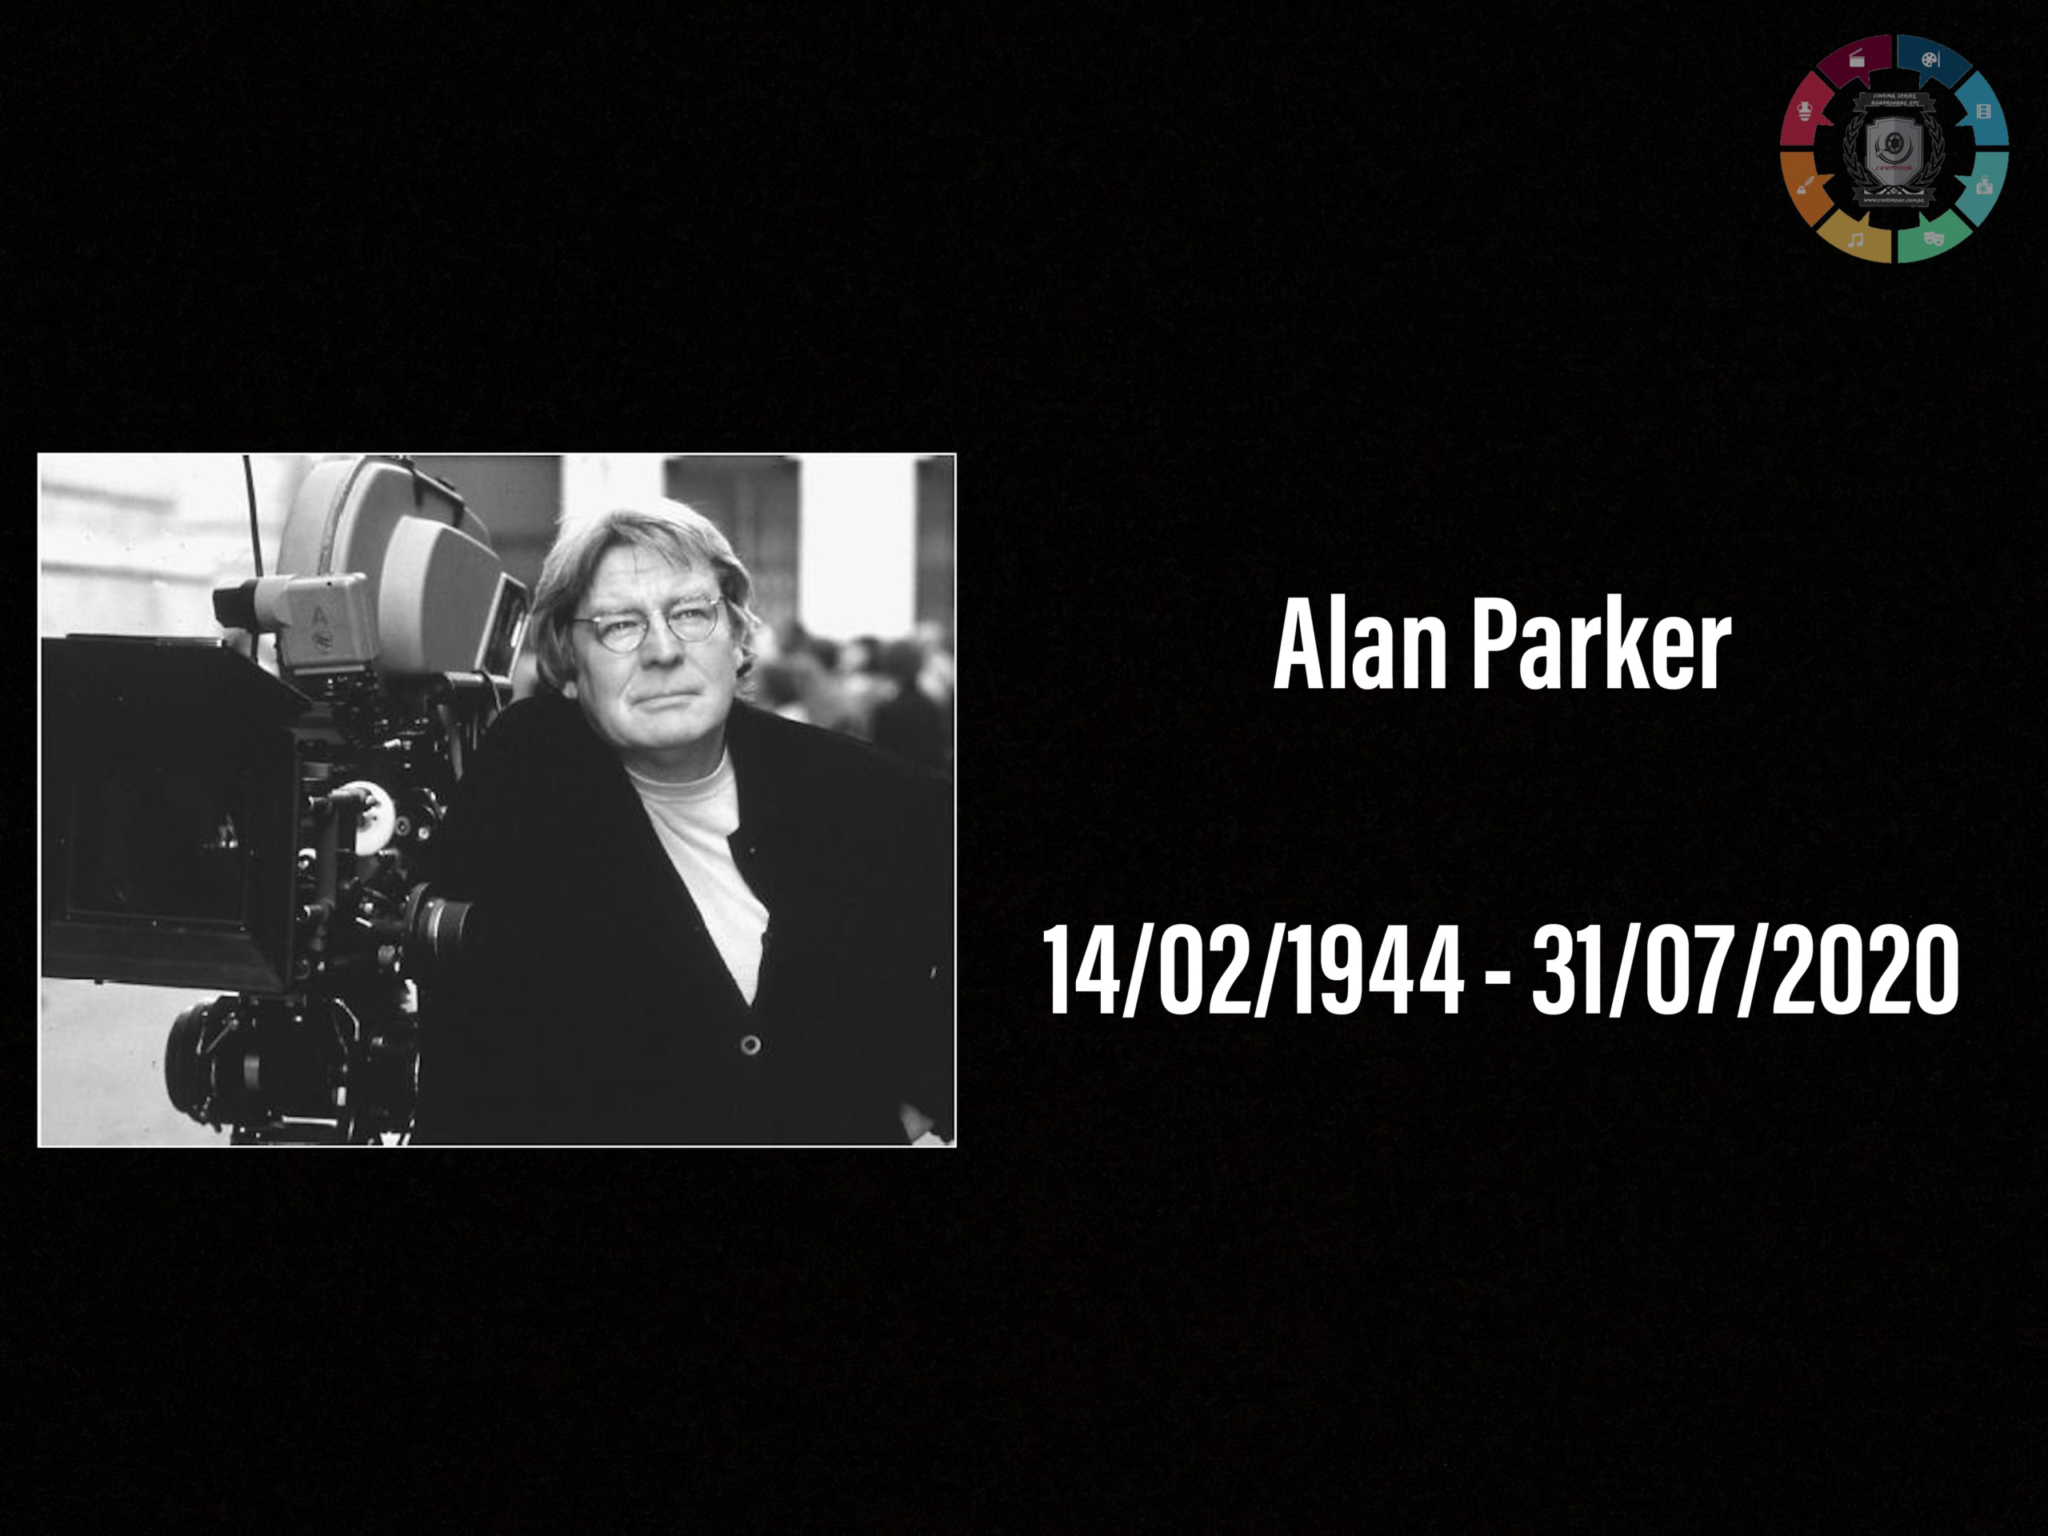 Morre o diretor Alan Parker aos 76 anos 3